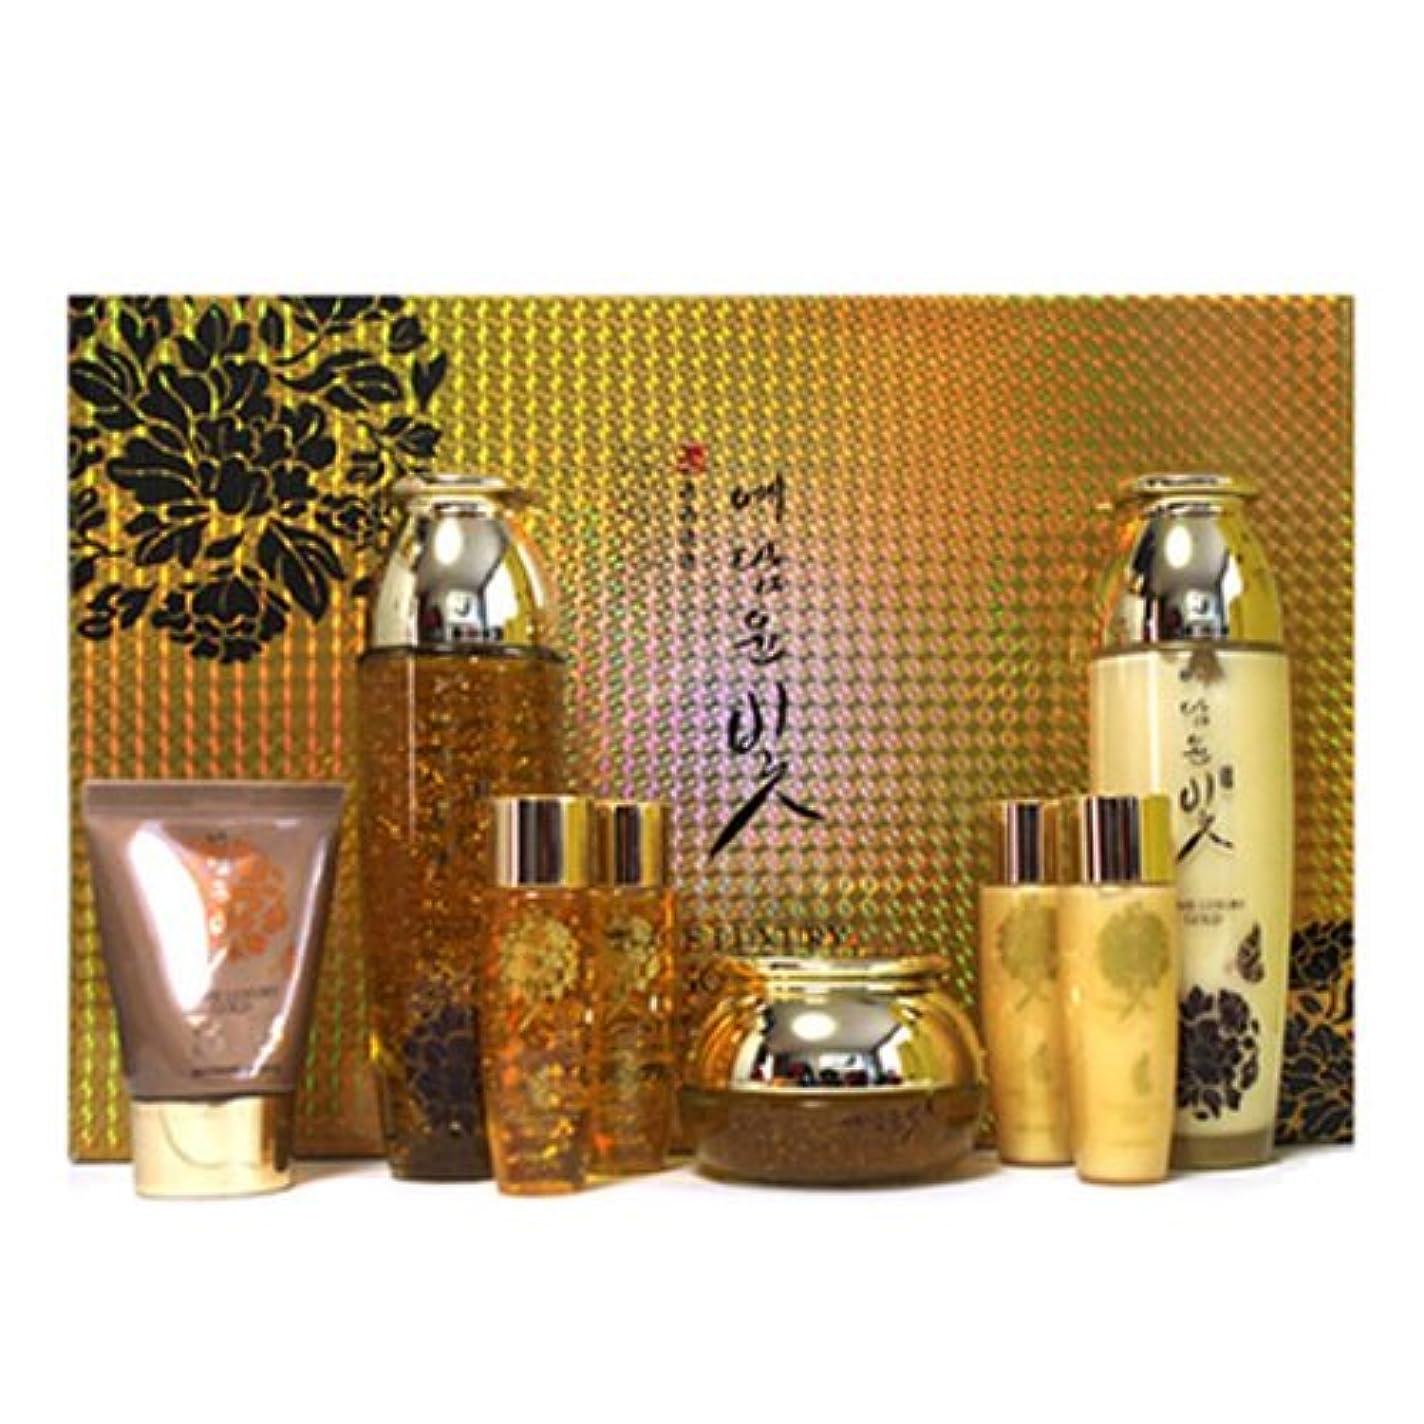 登山家管理するブレイズイェダムユンビト[韓国コスメYedam Yun Bit]Prime Luxury Gold Skin Care Set プライムラグジュアリーゴールドスキンケア4セット 樹液 乳液 クリーム/ BBクリーム [並行輸入品]